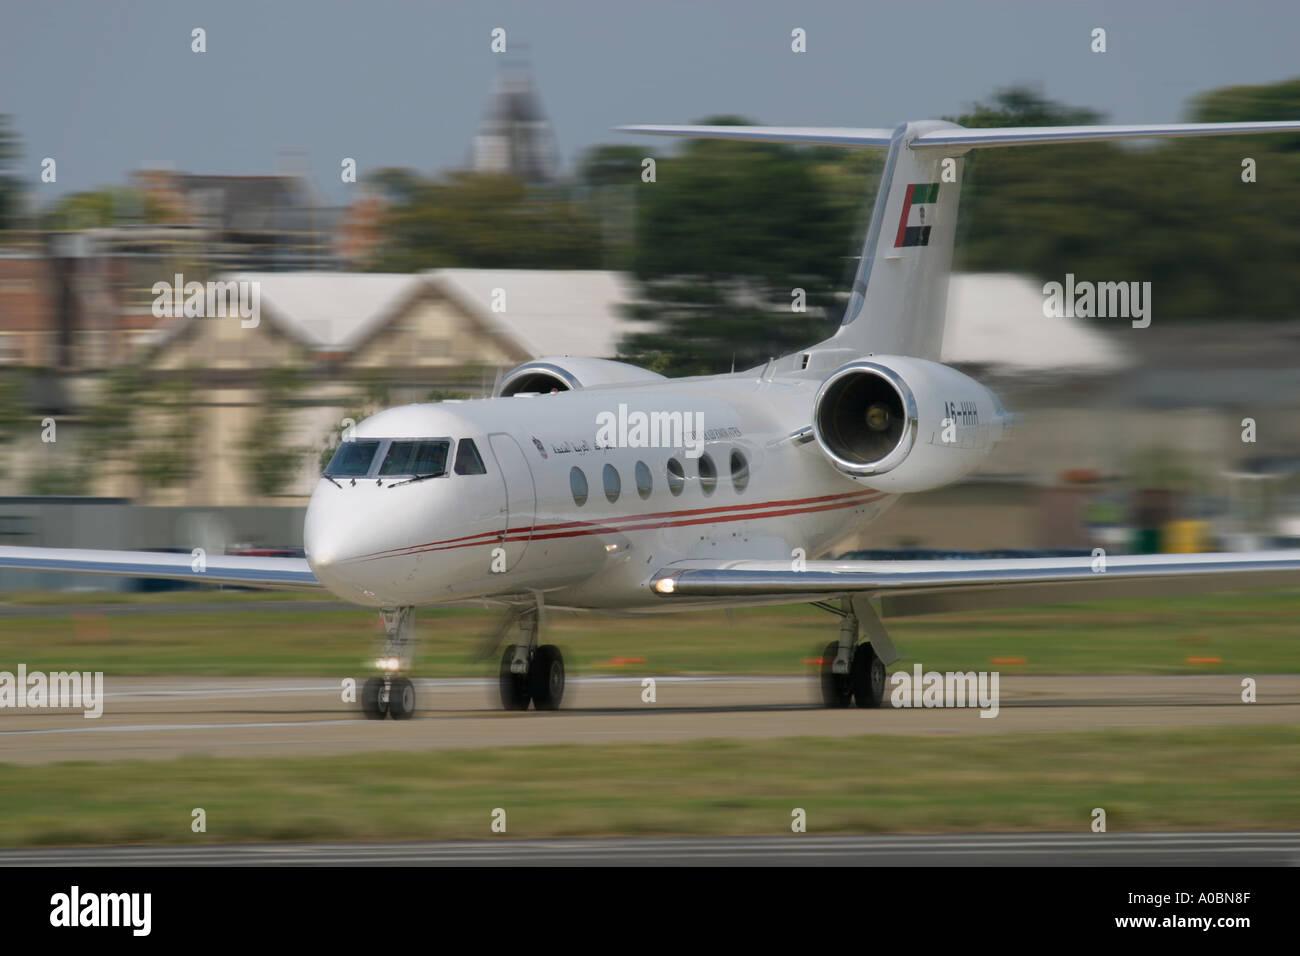 United Arab Emirates Gulfstream Aerospace G IV Gulfstream IV at Farnborough airfield UK - Stock Image